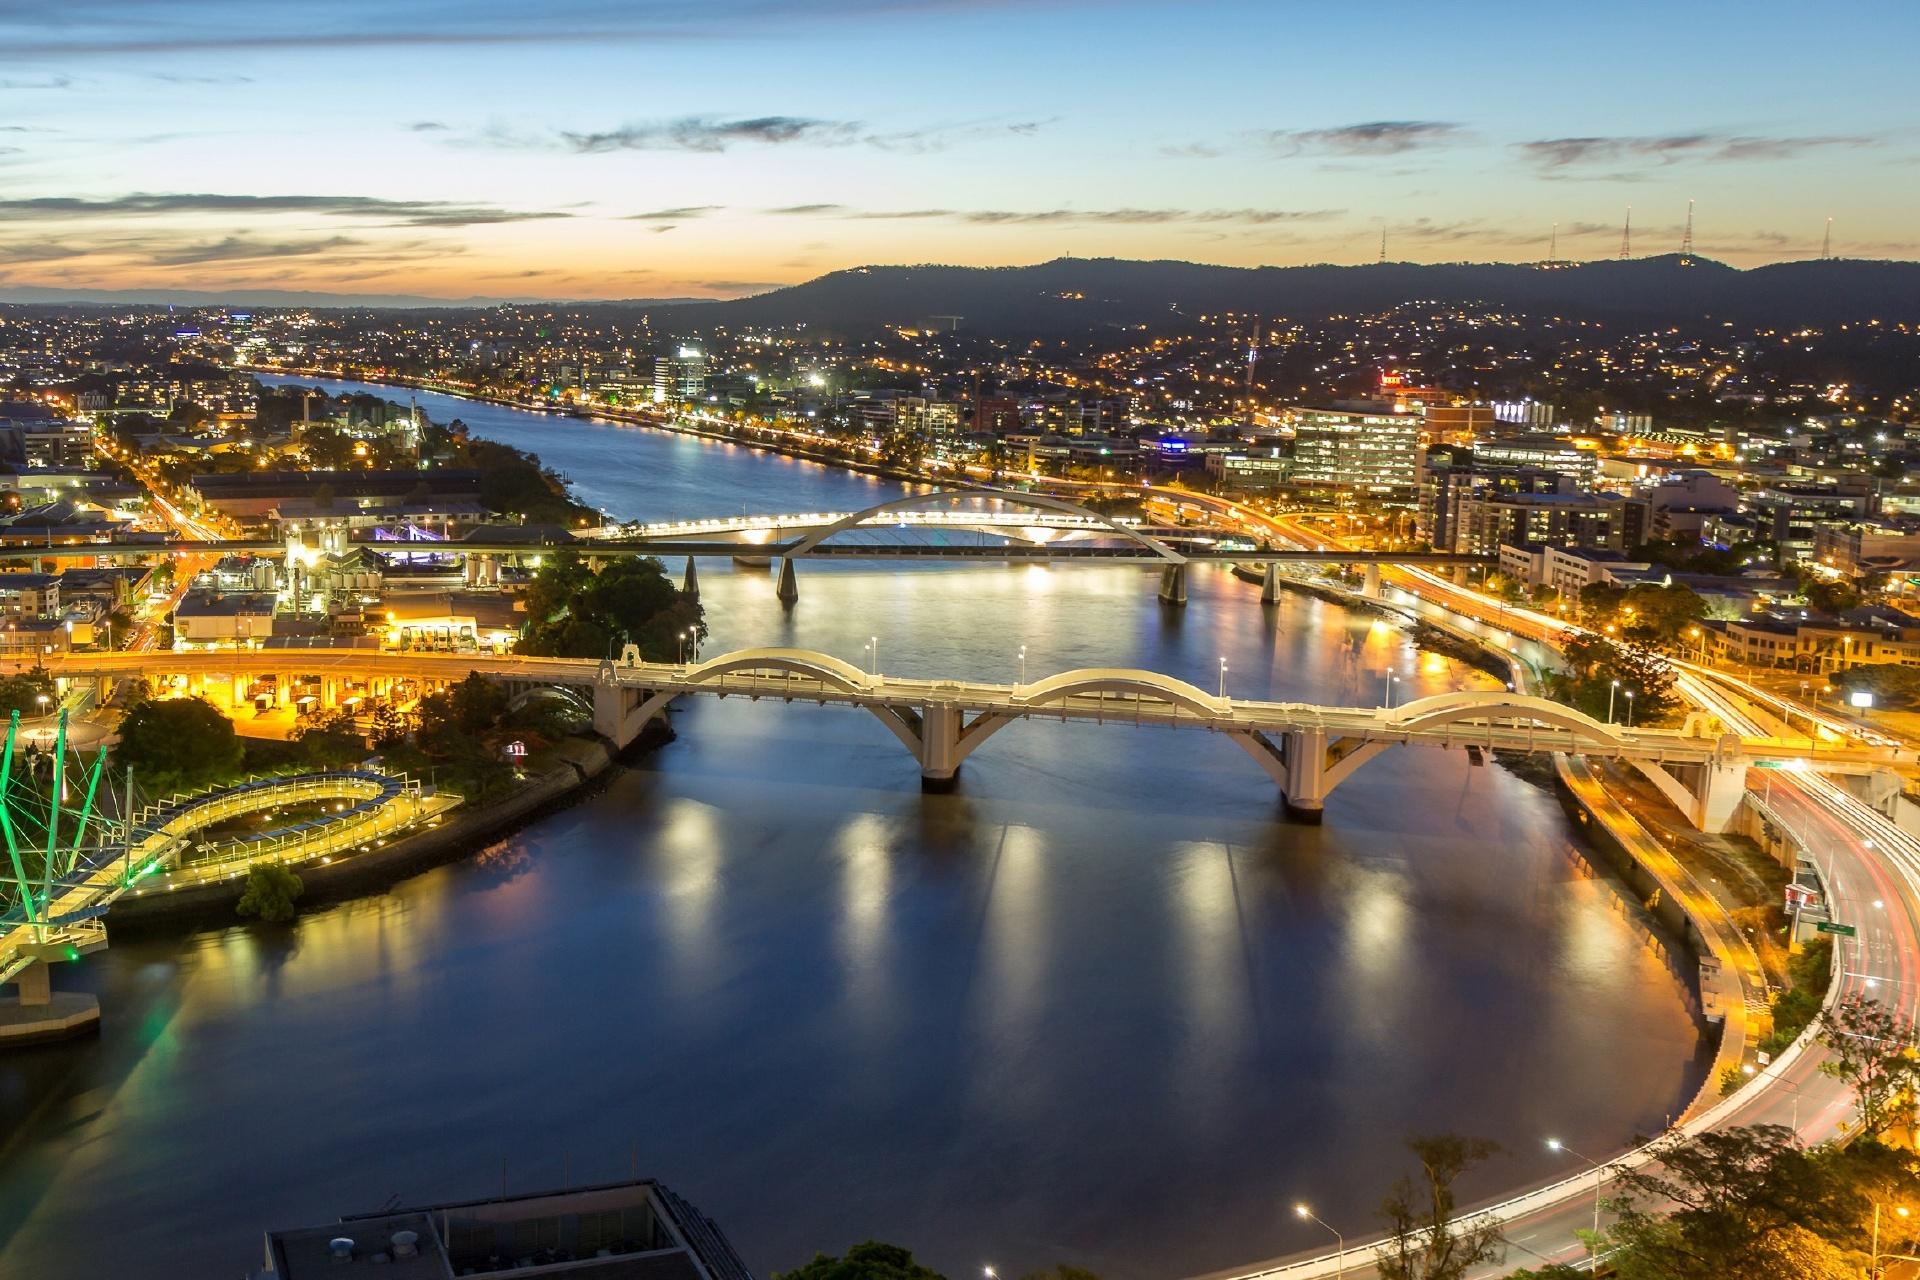 ブリスベンの夕暮れ オーストラリアの風景